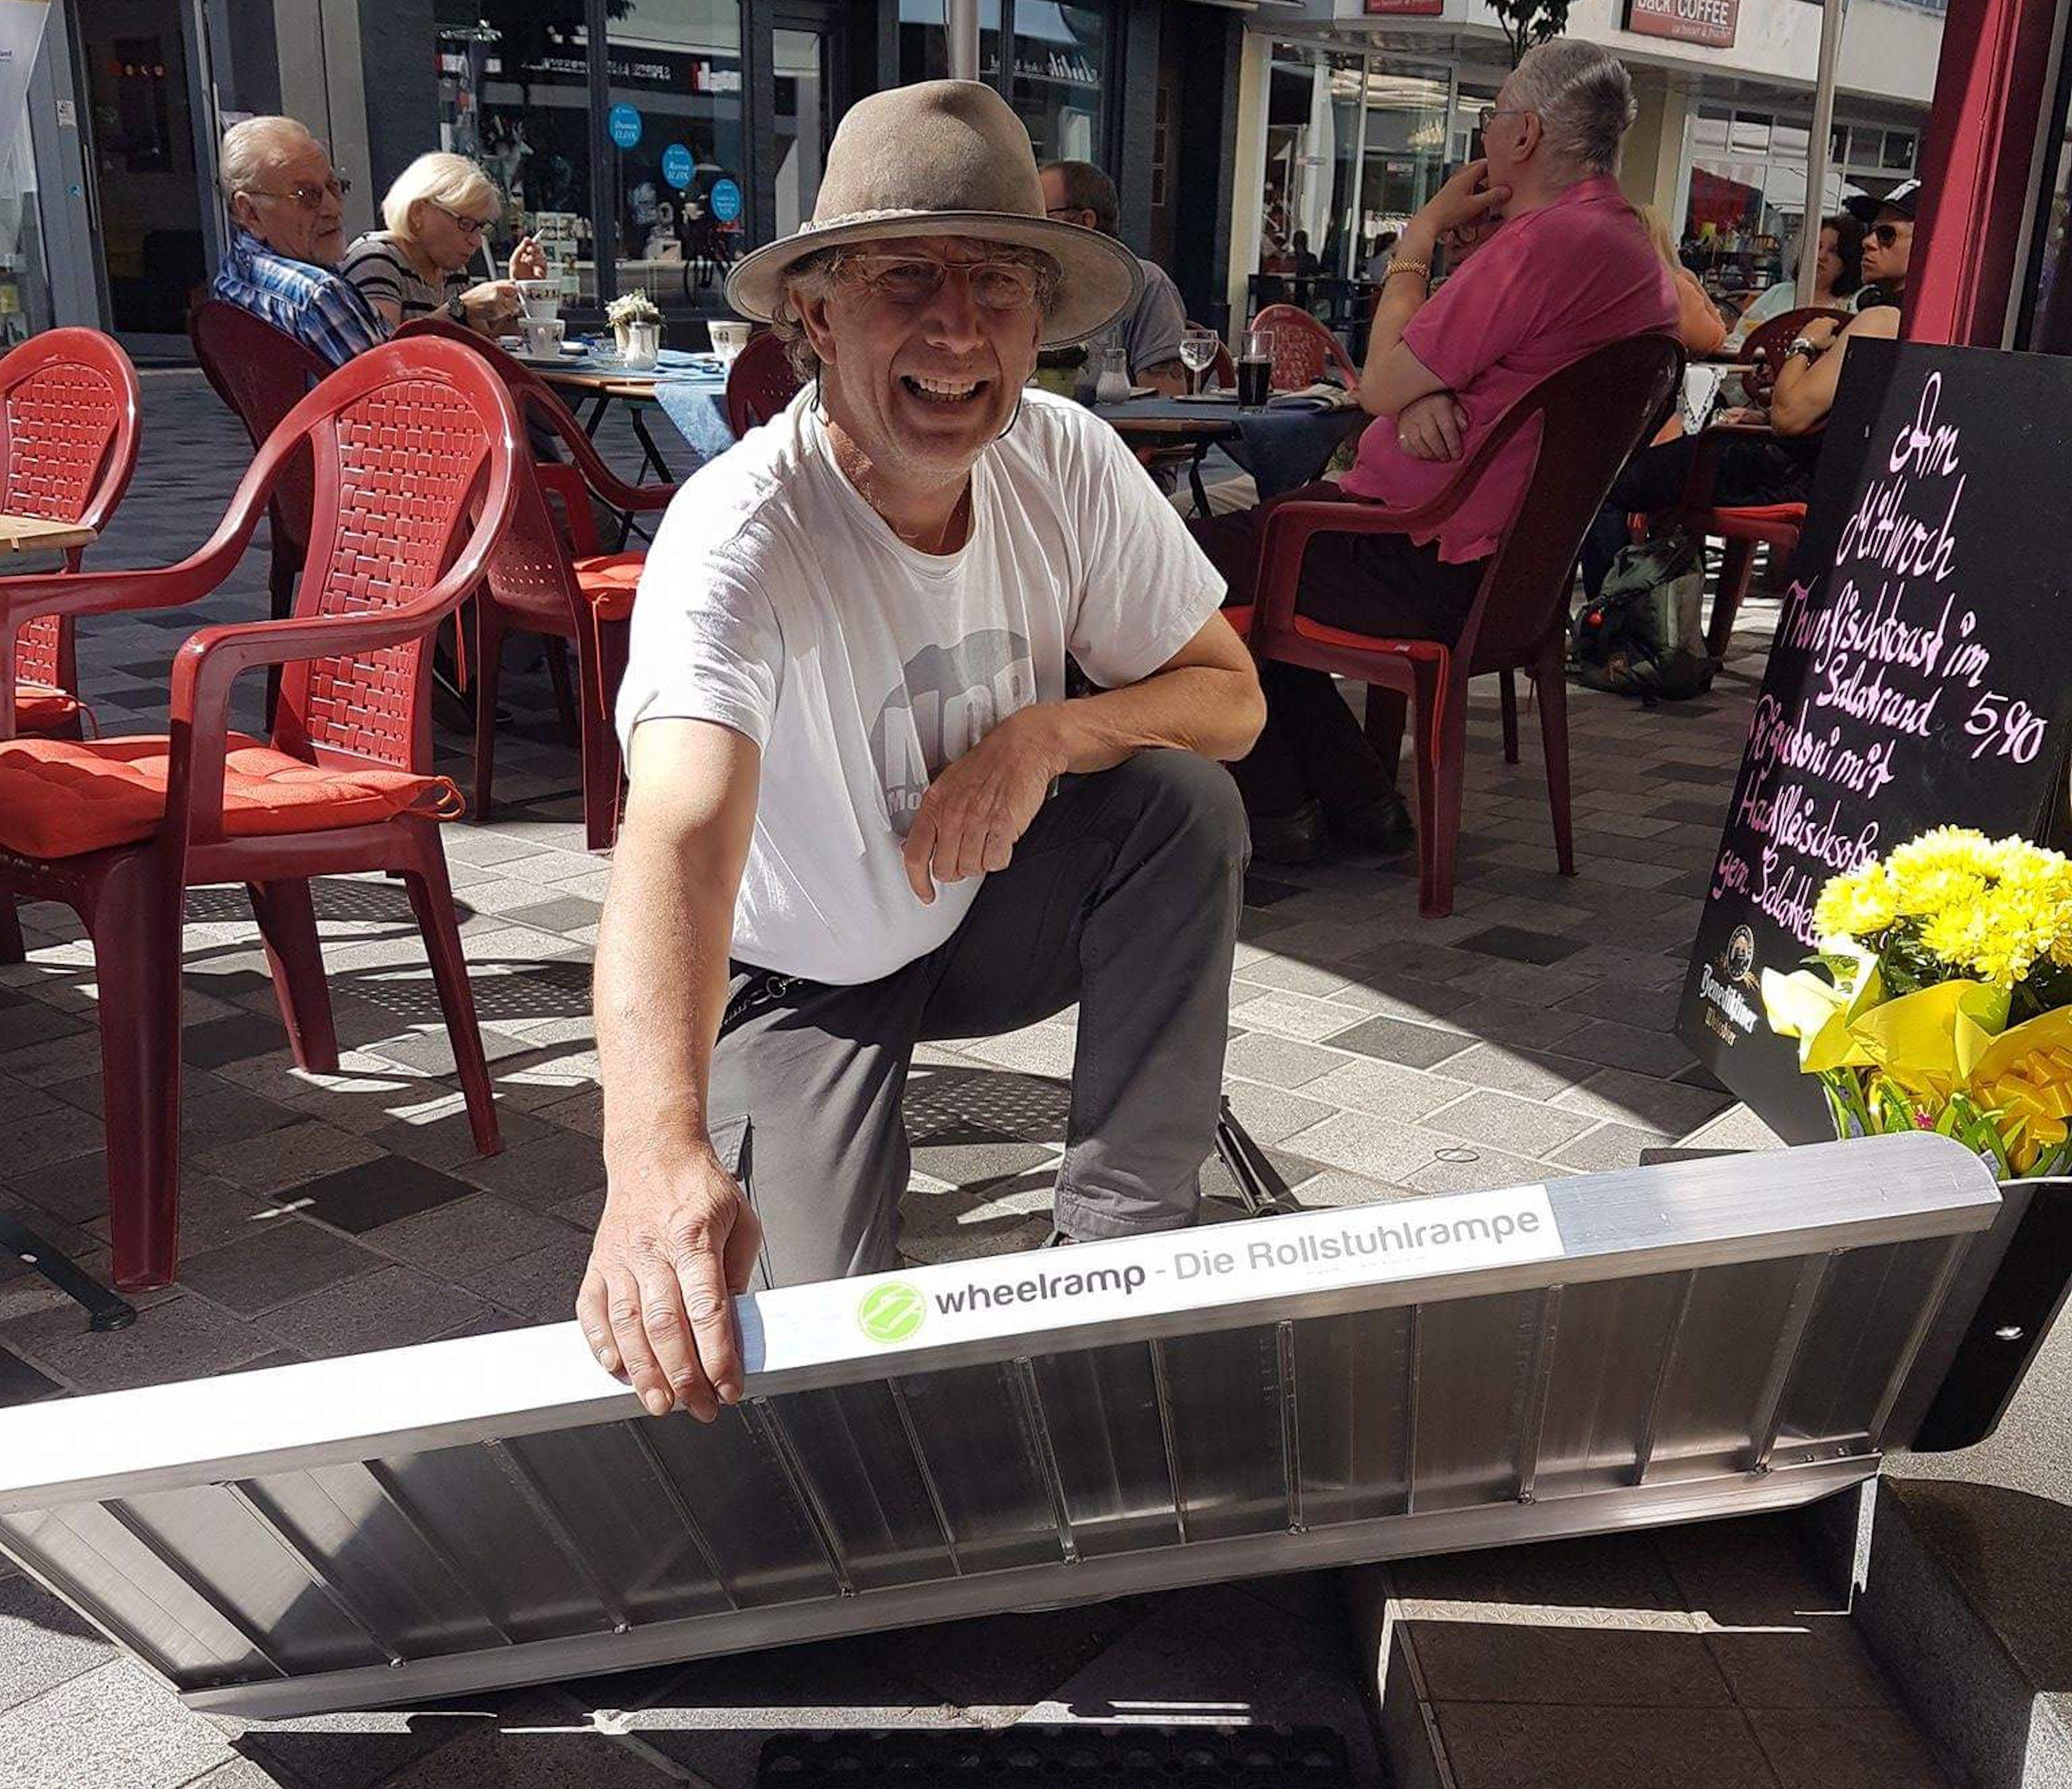 """Winfried Hoffmann legt in der Stadt eine mobile Rampe mit der Aufschrift """"Wheelramp"""" an eine zweistufige Treppe. Im Hintergrund sitzen Menschen im Café auf roten Plastikstühlen."""